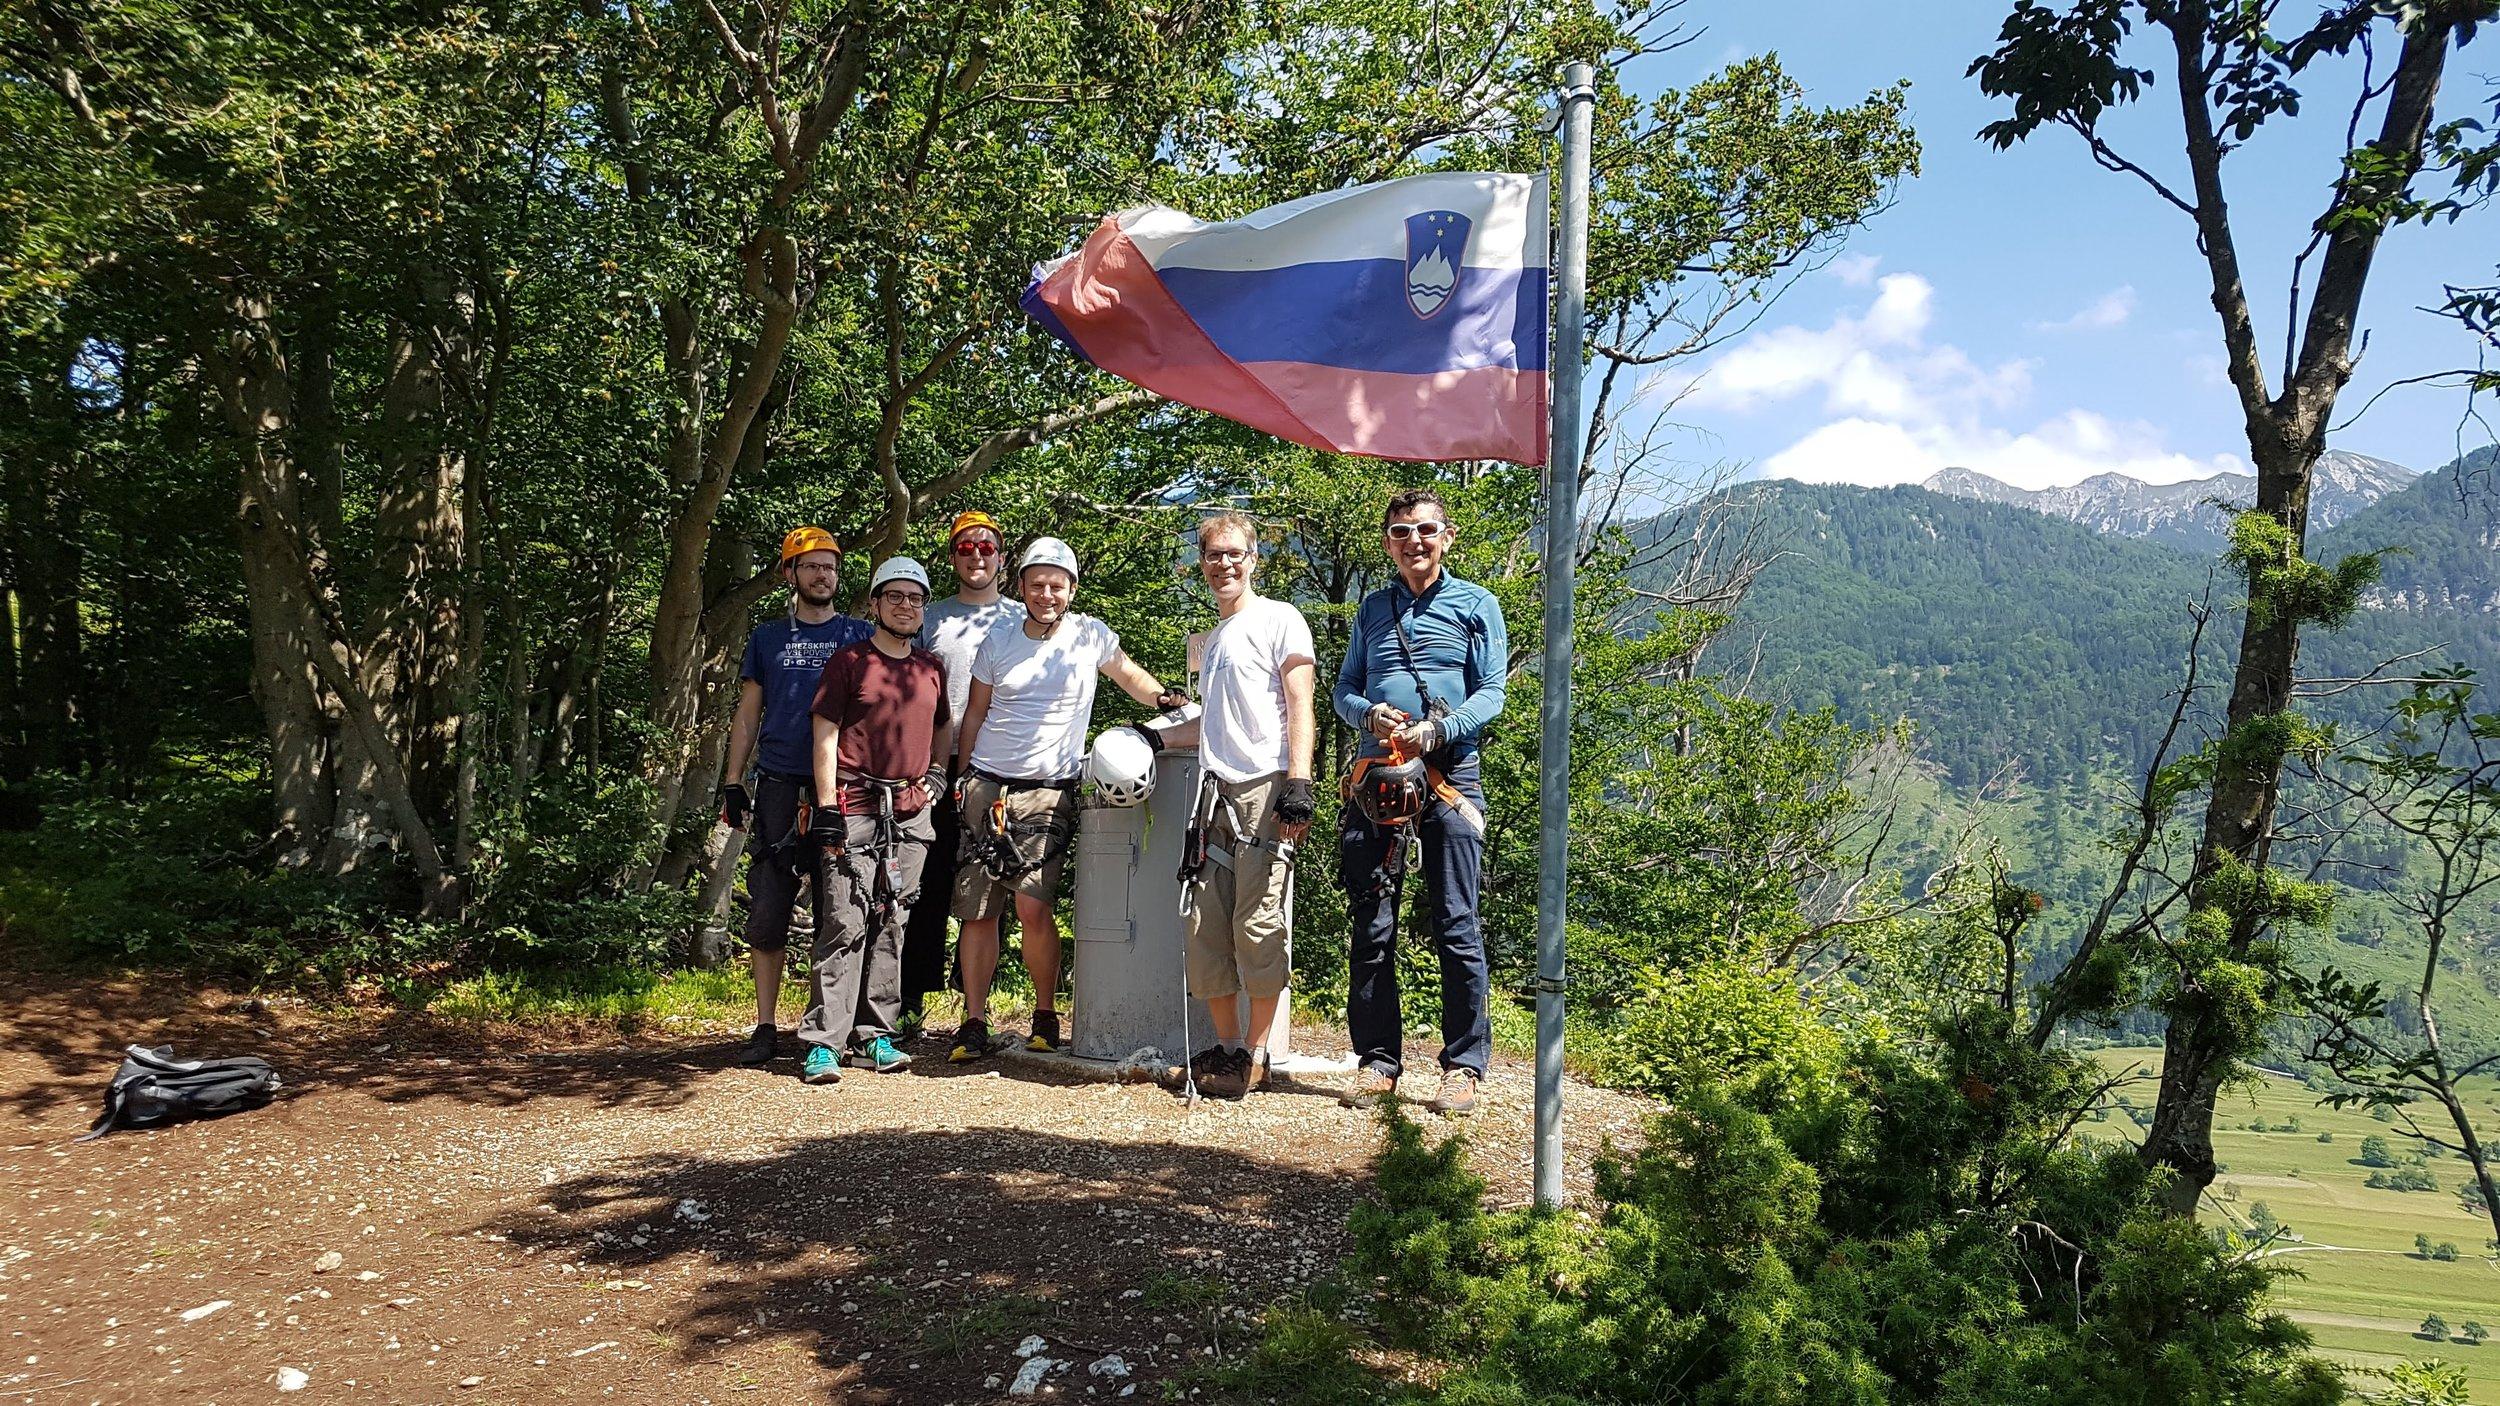 On the top of the via ferrata Mojstrana